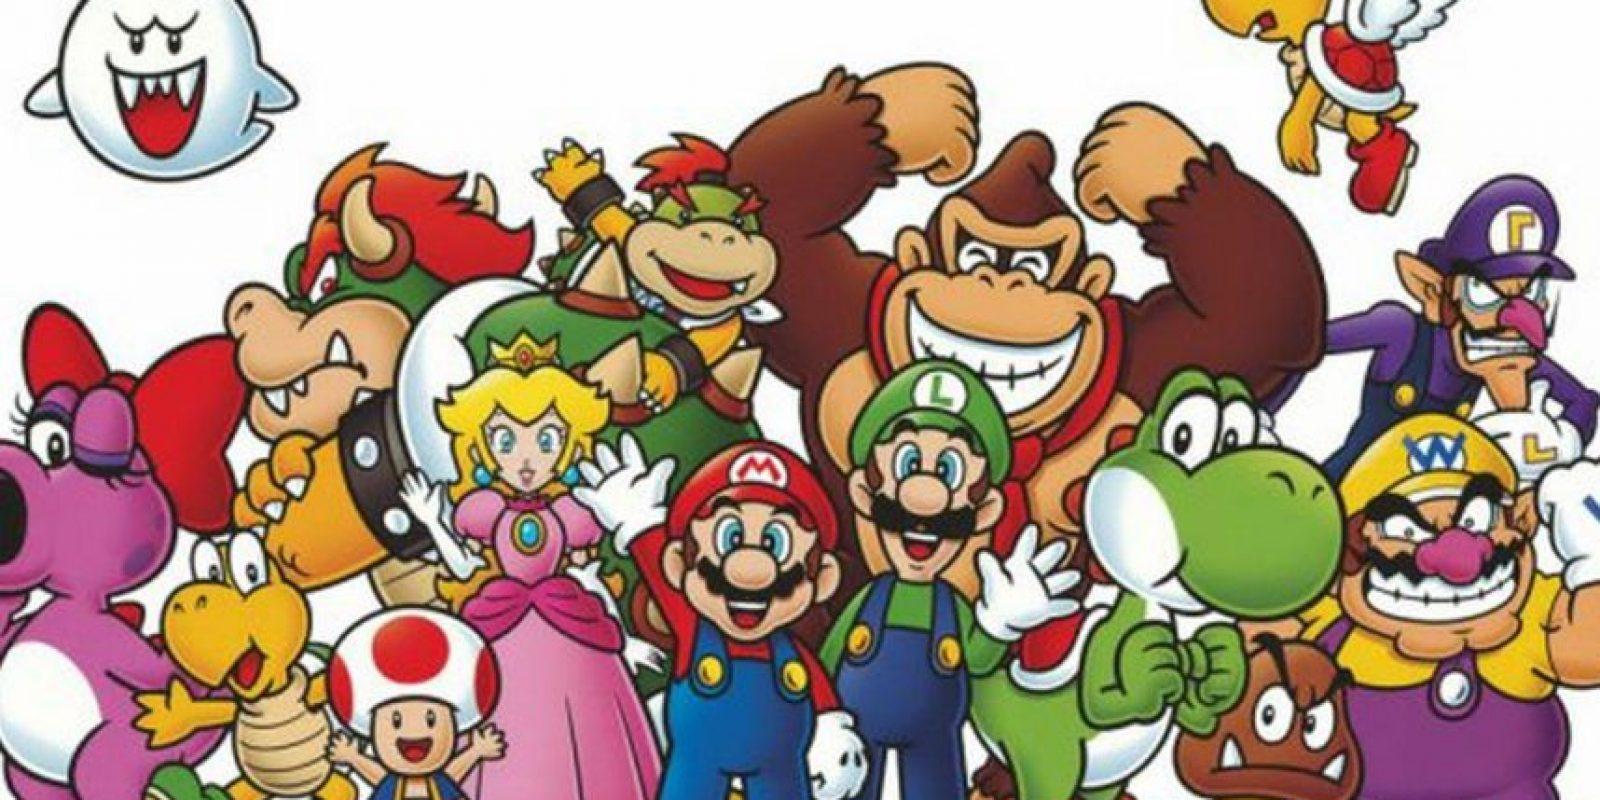 """Estos son los mejores 10 juegos de la historia de Nintendo según """"gamelosofy.com"""" Foto:Nintendo"""